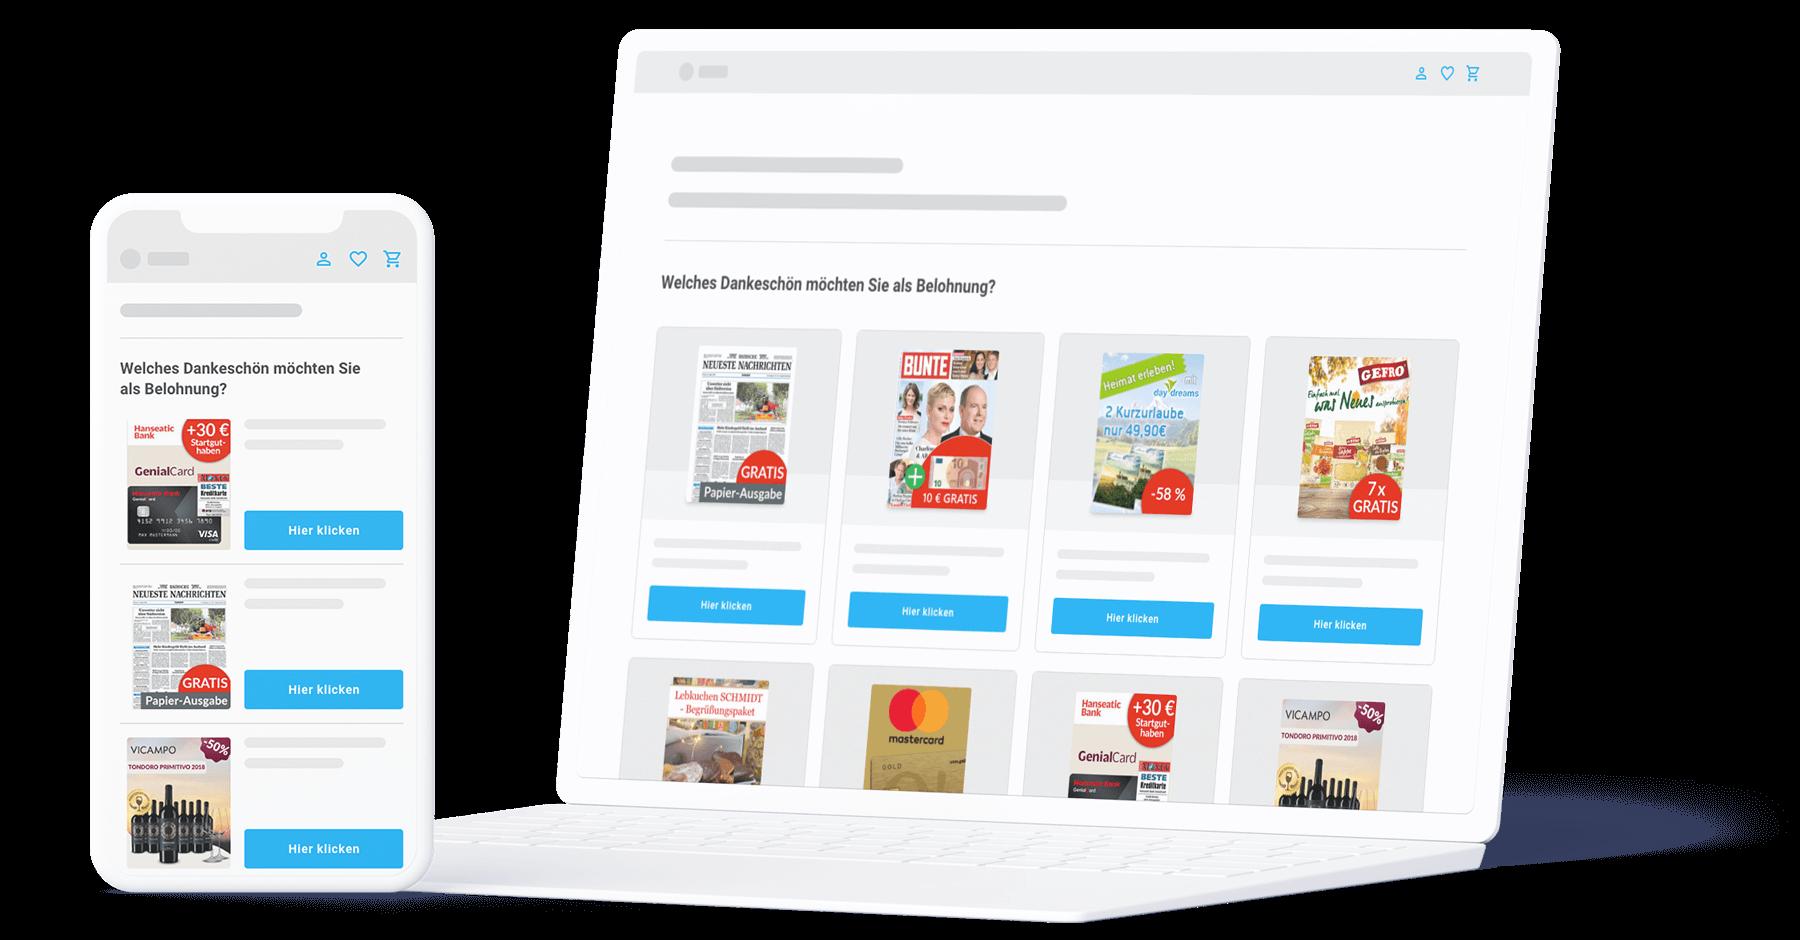 Sovendus Select auf Smartphone und Laptop. Zu sehen sind zur Auswahl stehende Zeitschriften.